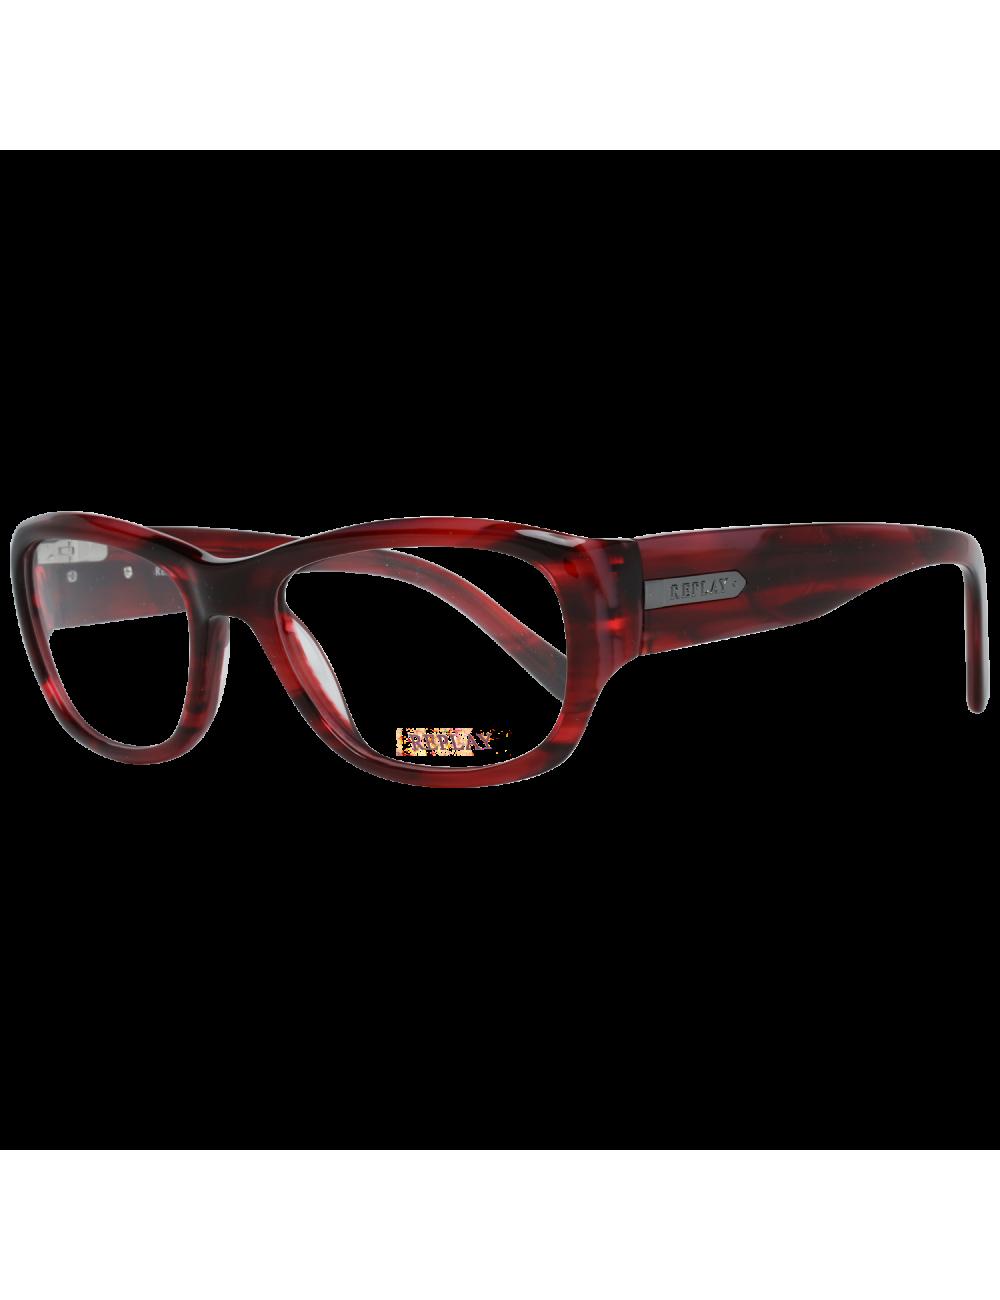 Replay Optical Frame RY099 V03 54